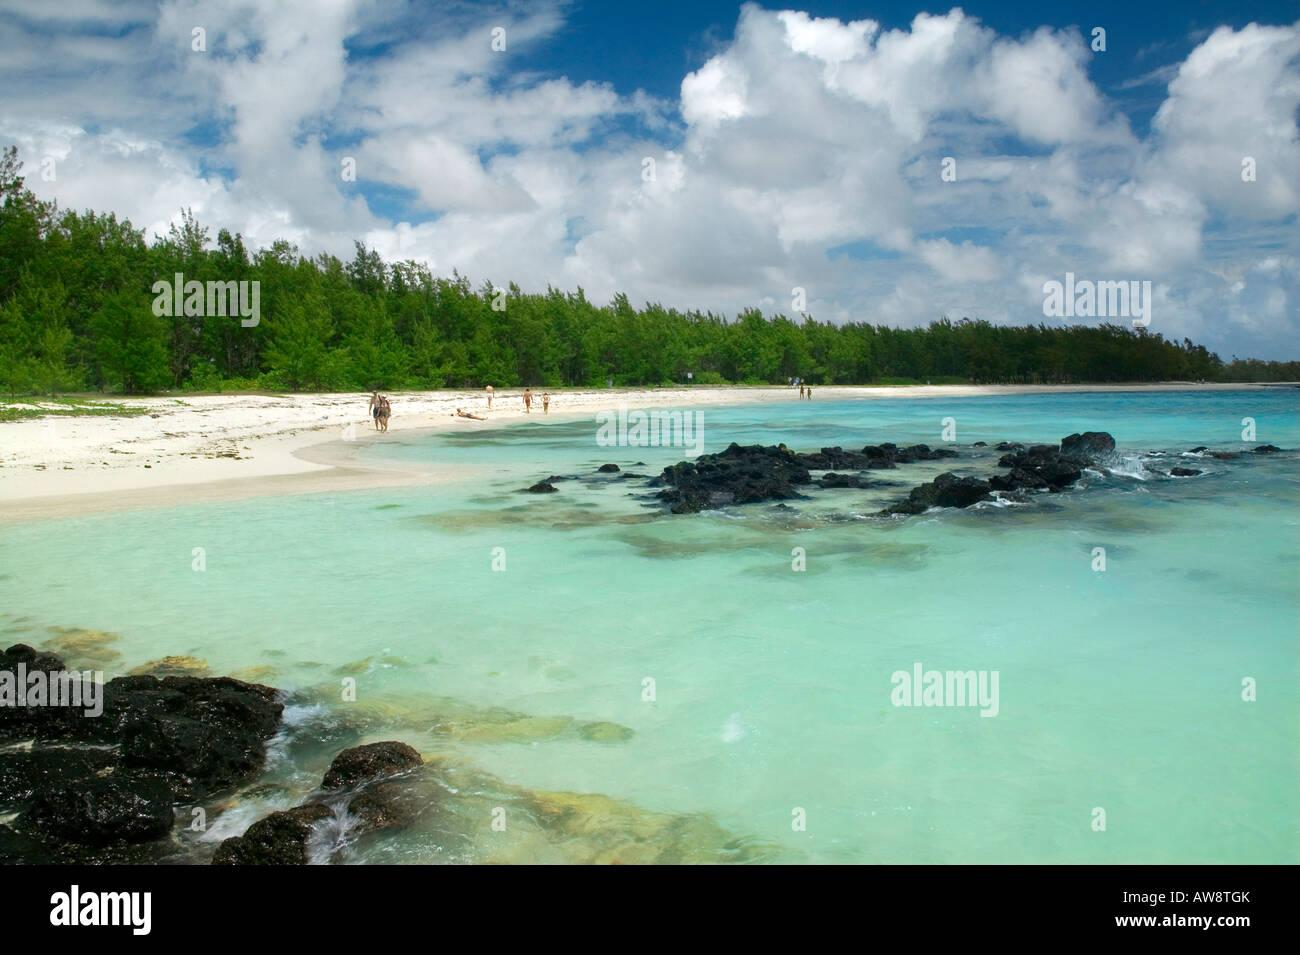 CERFS ISLAND - MAURITIUS - Stock Image